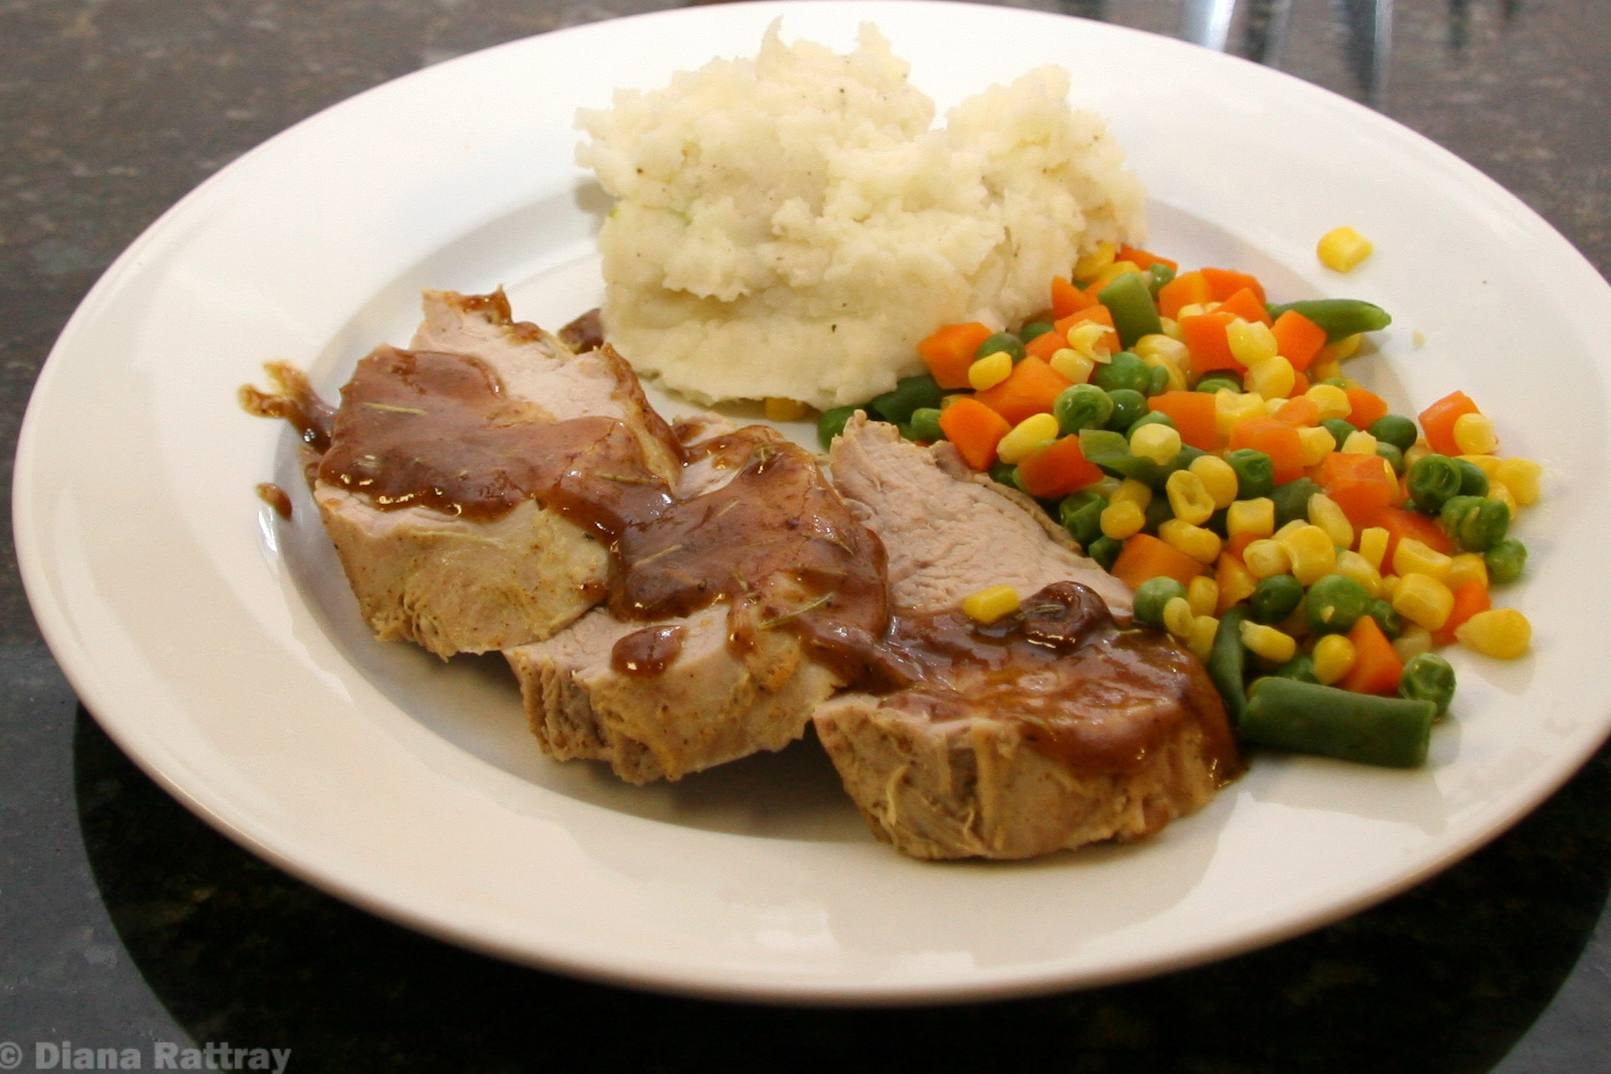 Sliced Pork Tenderloin With Rosemary